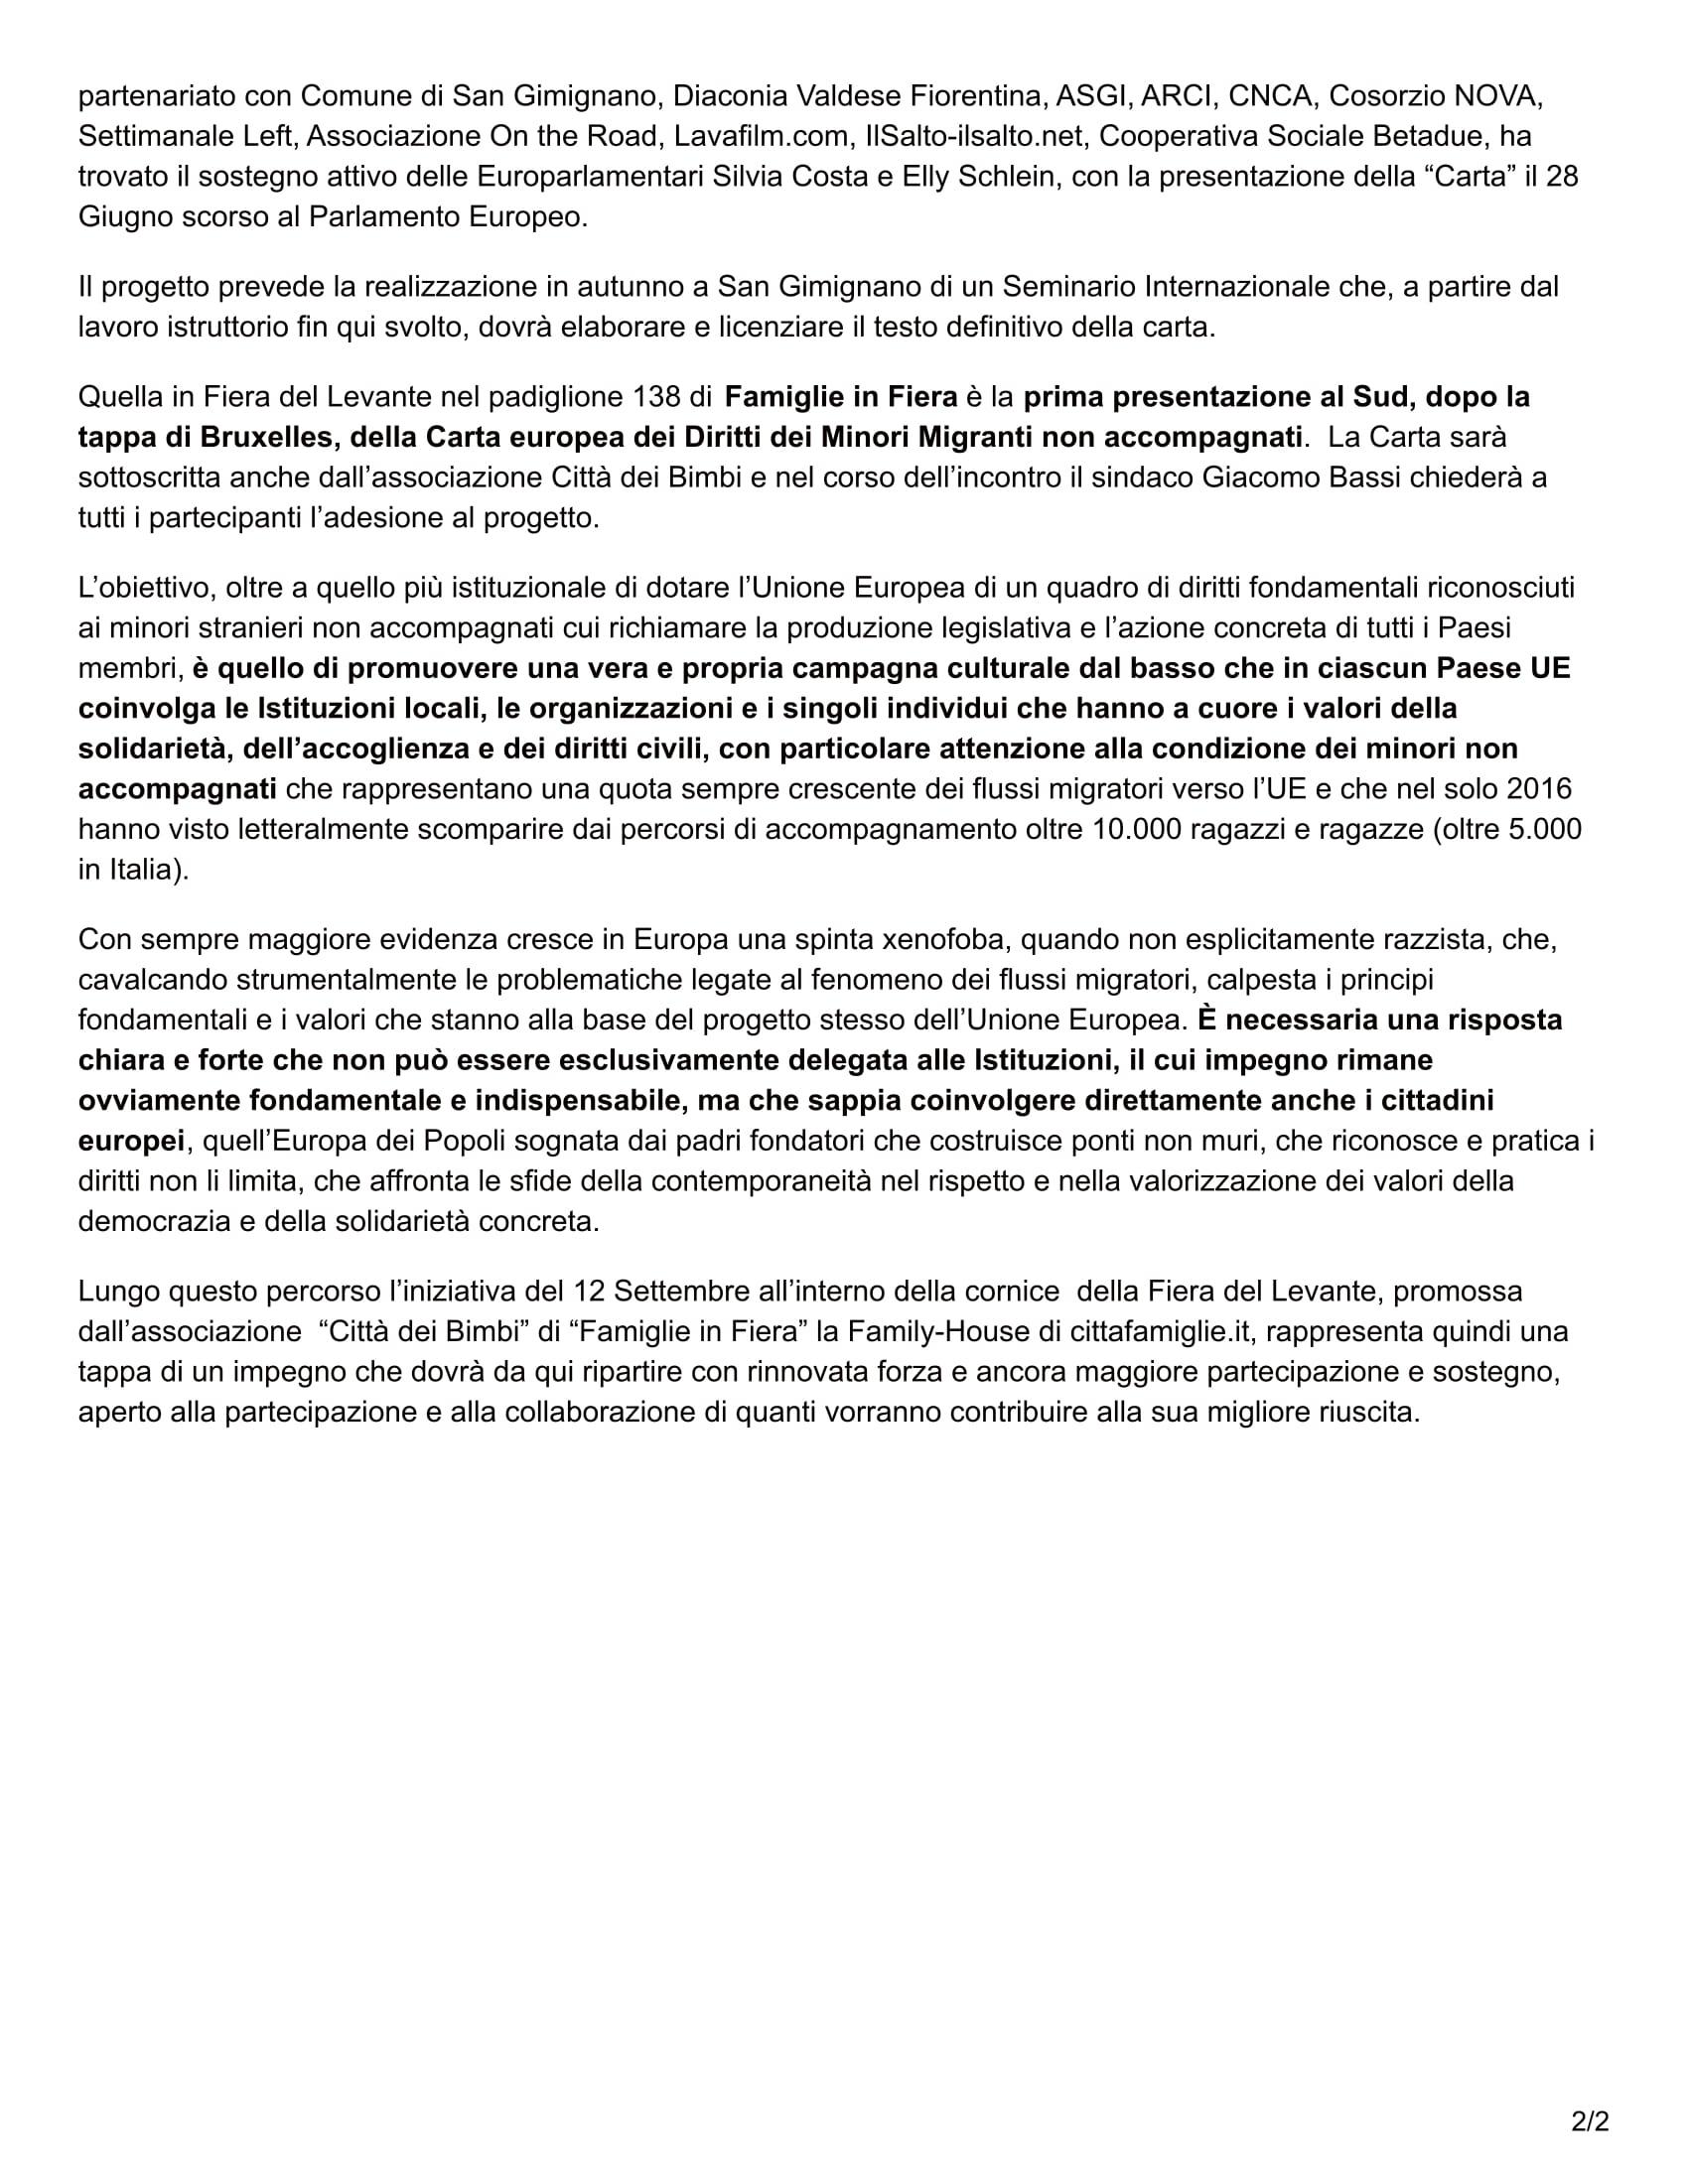 """<img src=""""http://www.cartadisangimignano.eu/wp-content/uploads/2017/09/cittafamiglie.it-Minori-stranieri-non-accompagnati-la-Carta-Europea-dei-diritti-2.jpg"""" alt=""""Articolo sulla Carta Europea di San Gimignano""""/>"""